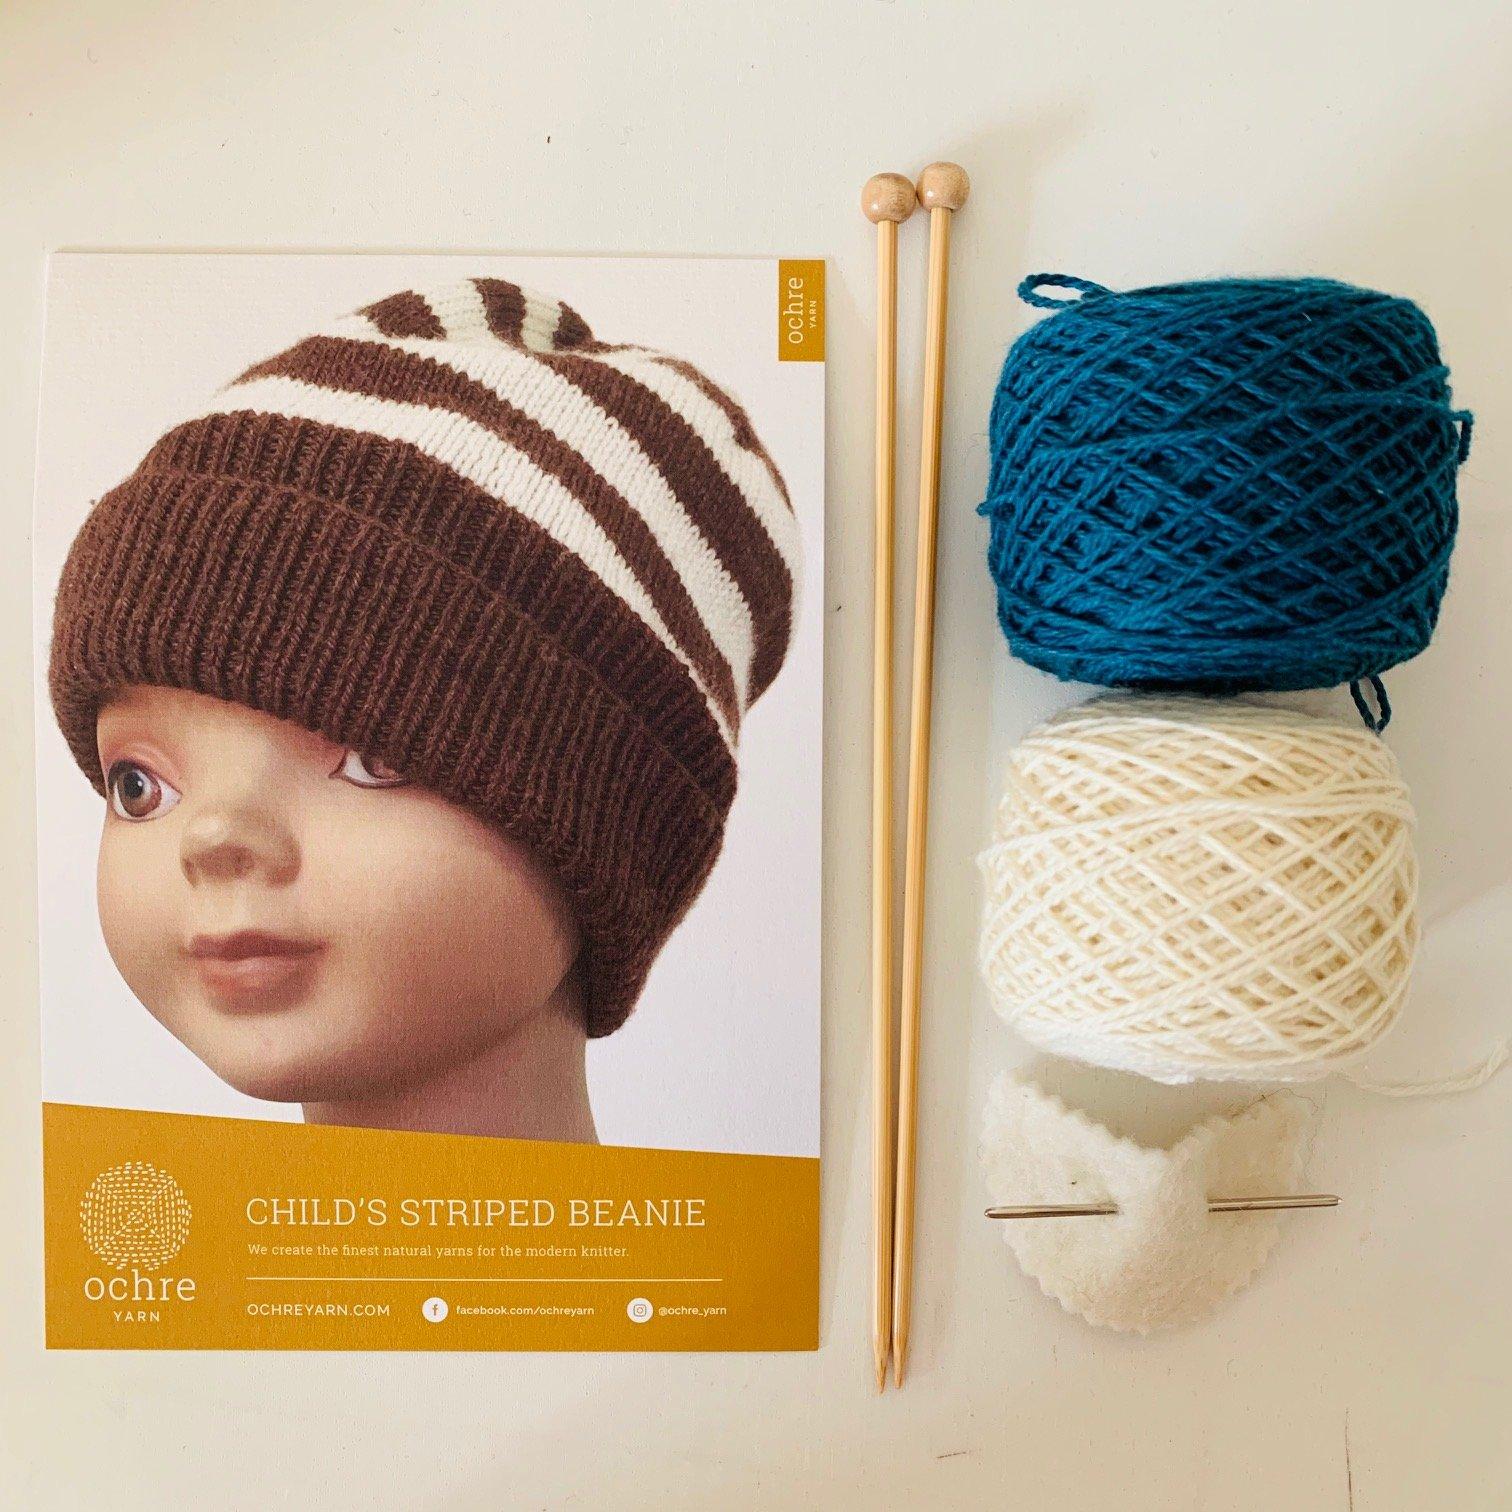 Ochre Yarn - Child's Stripes Beanie - Kit